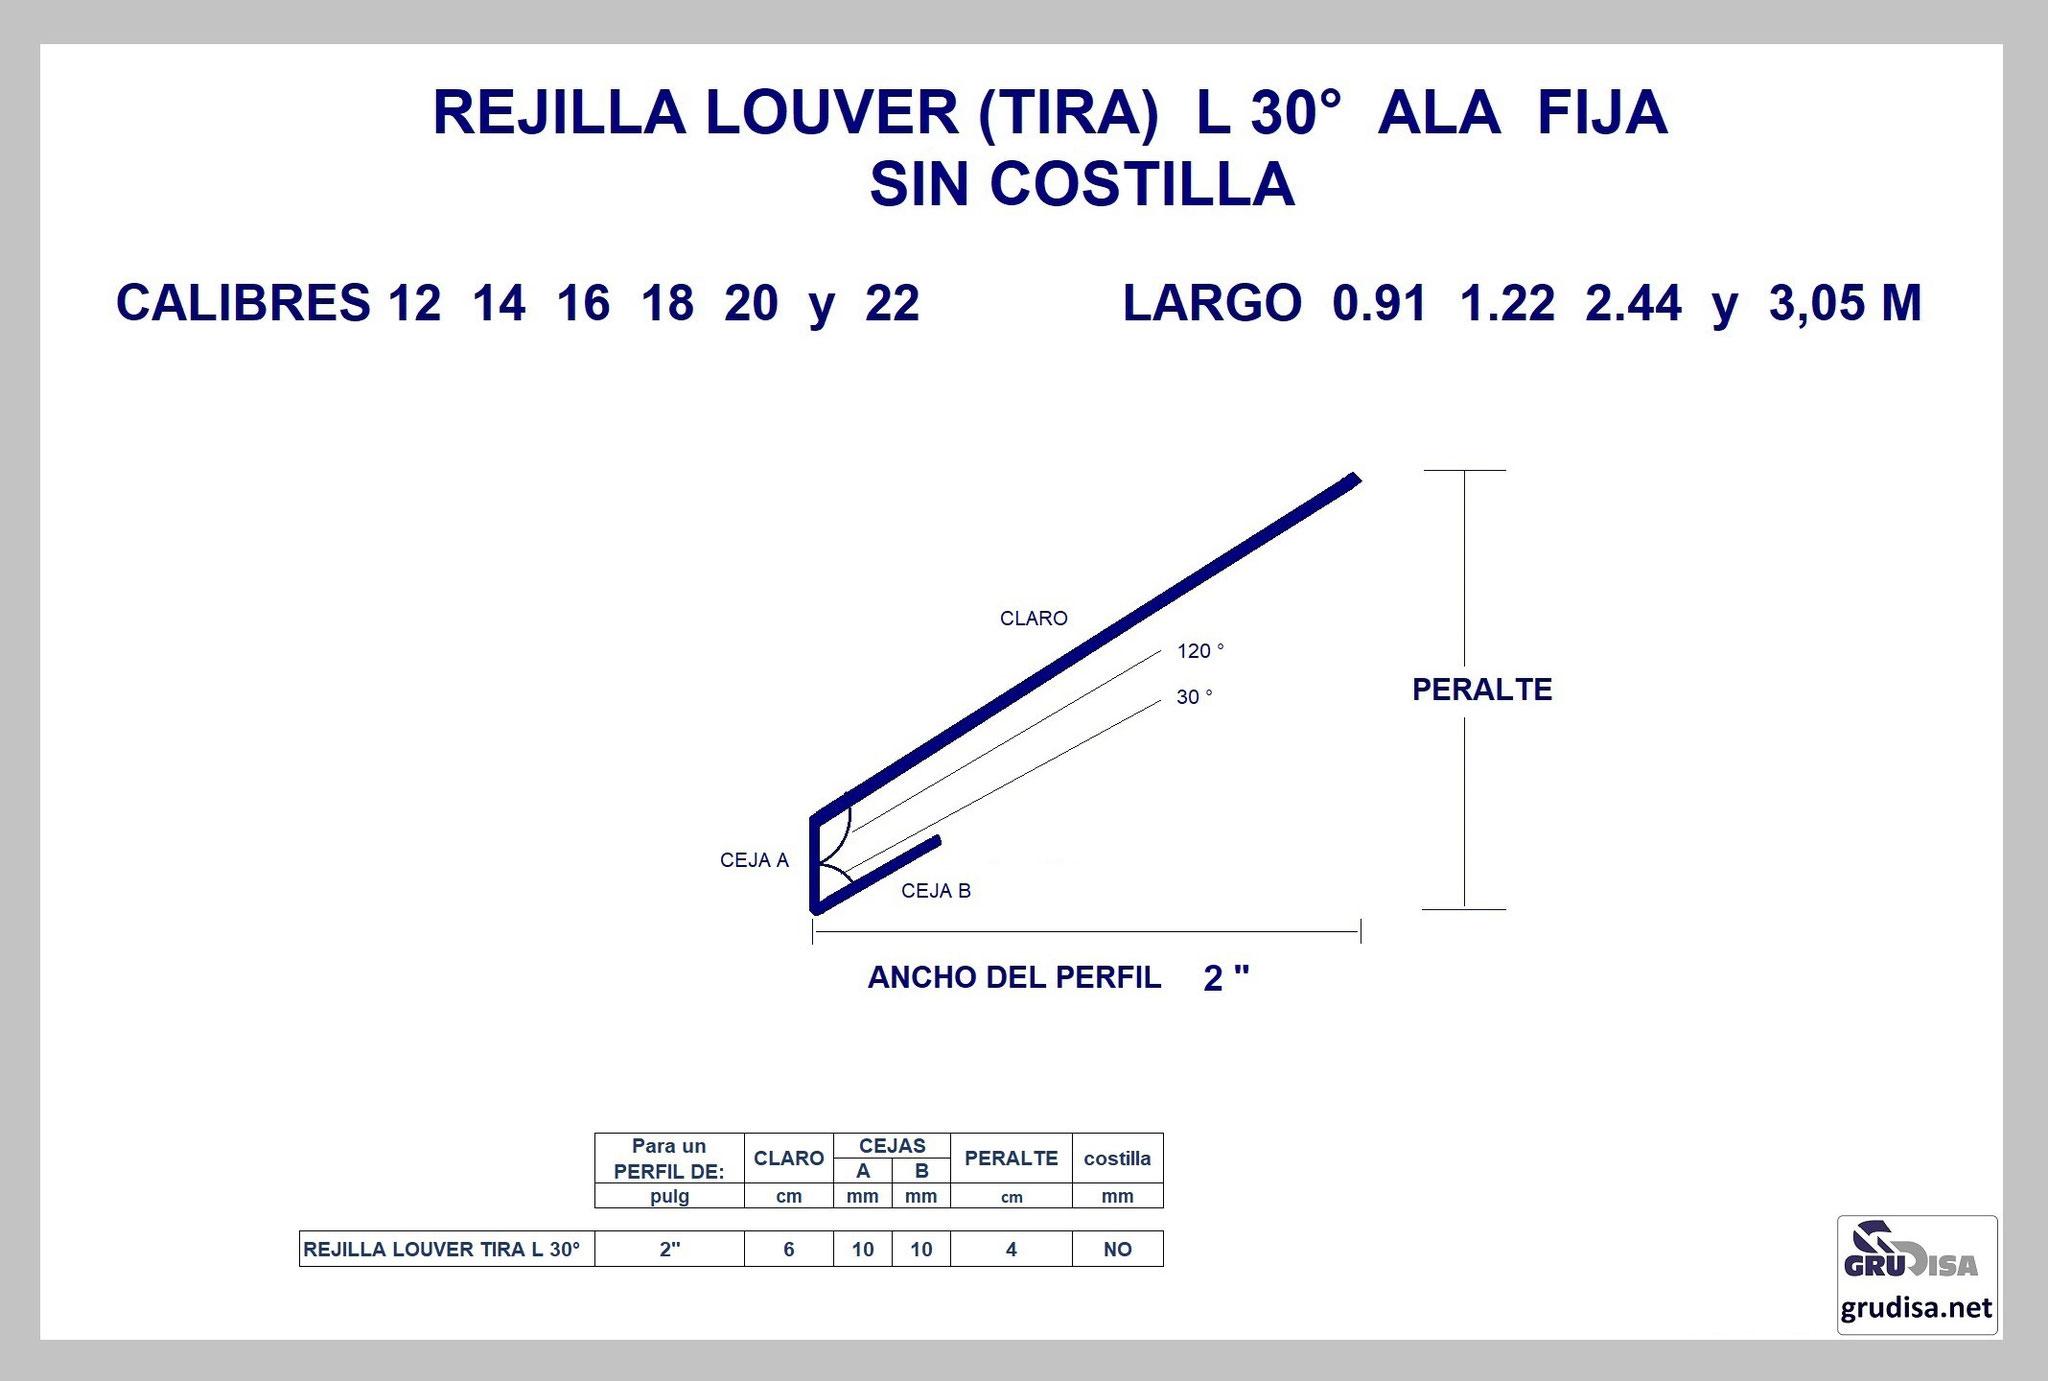 """REJILLA LOUVER (TIRA) L 30° Para PERFIL de 2"""" SIN COSTILLA"""